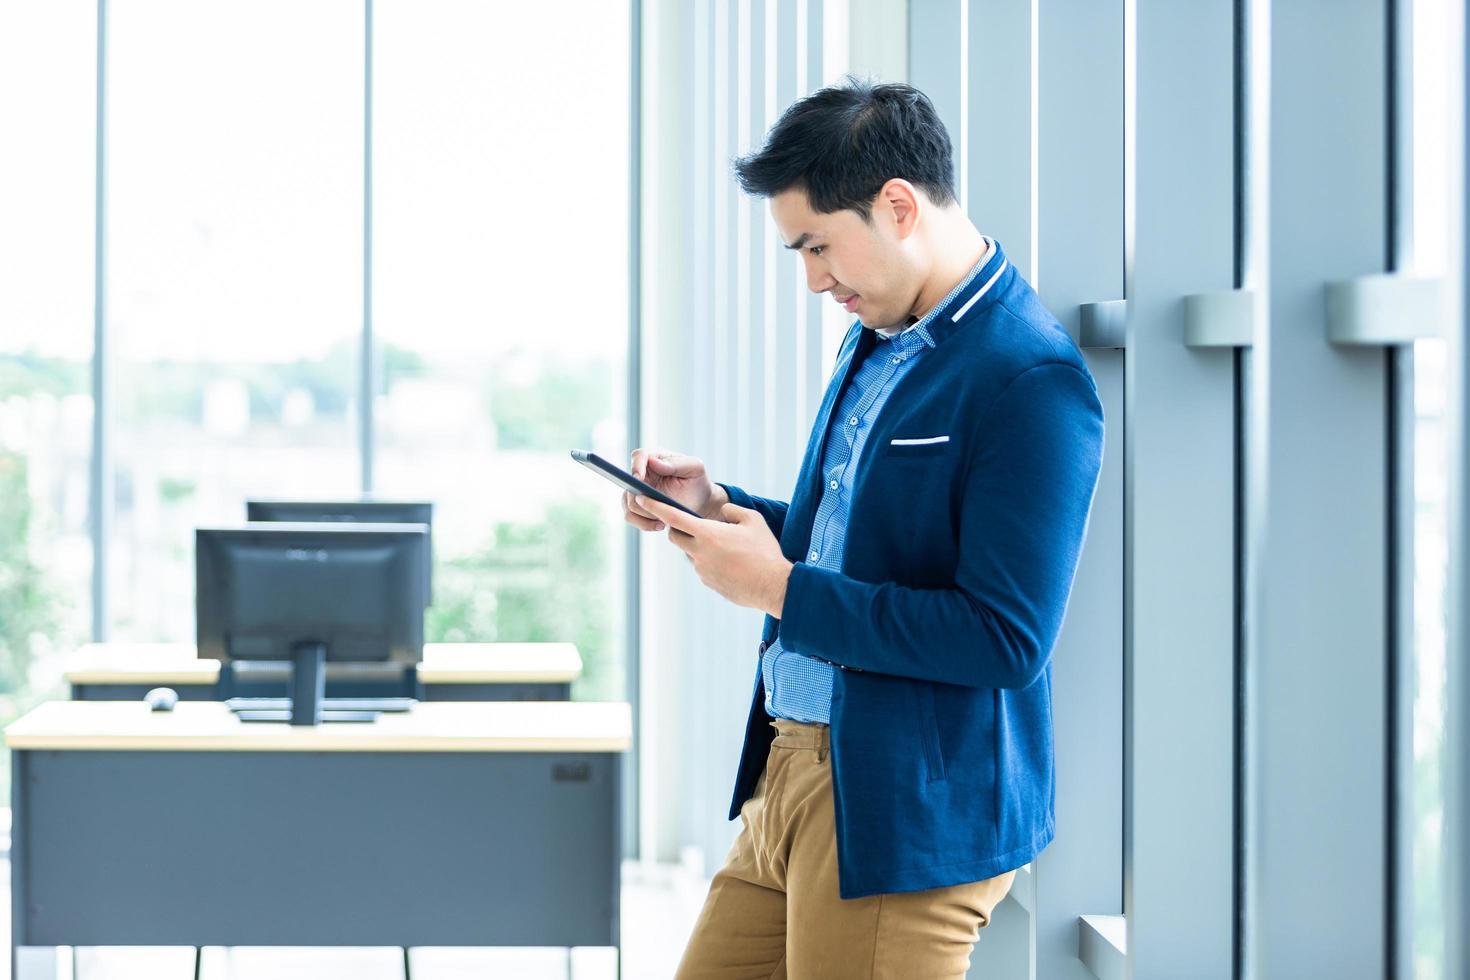 junger asiatischer Unternehmer mit mobilem Tablet bei der Arbeit foto